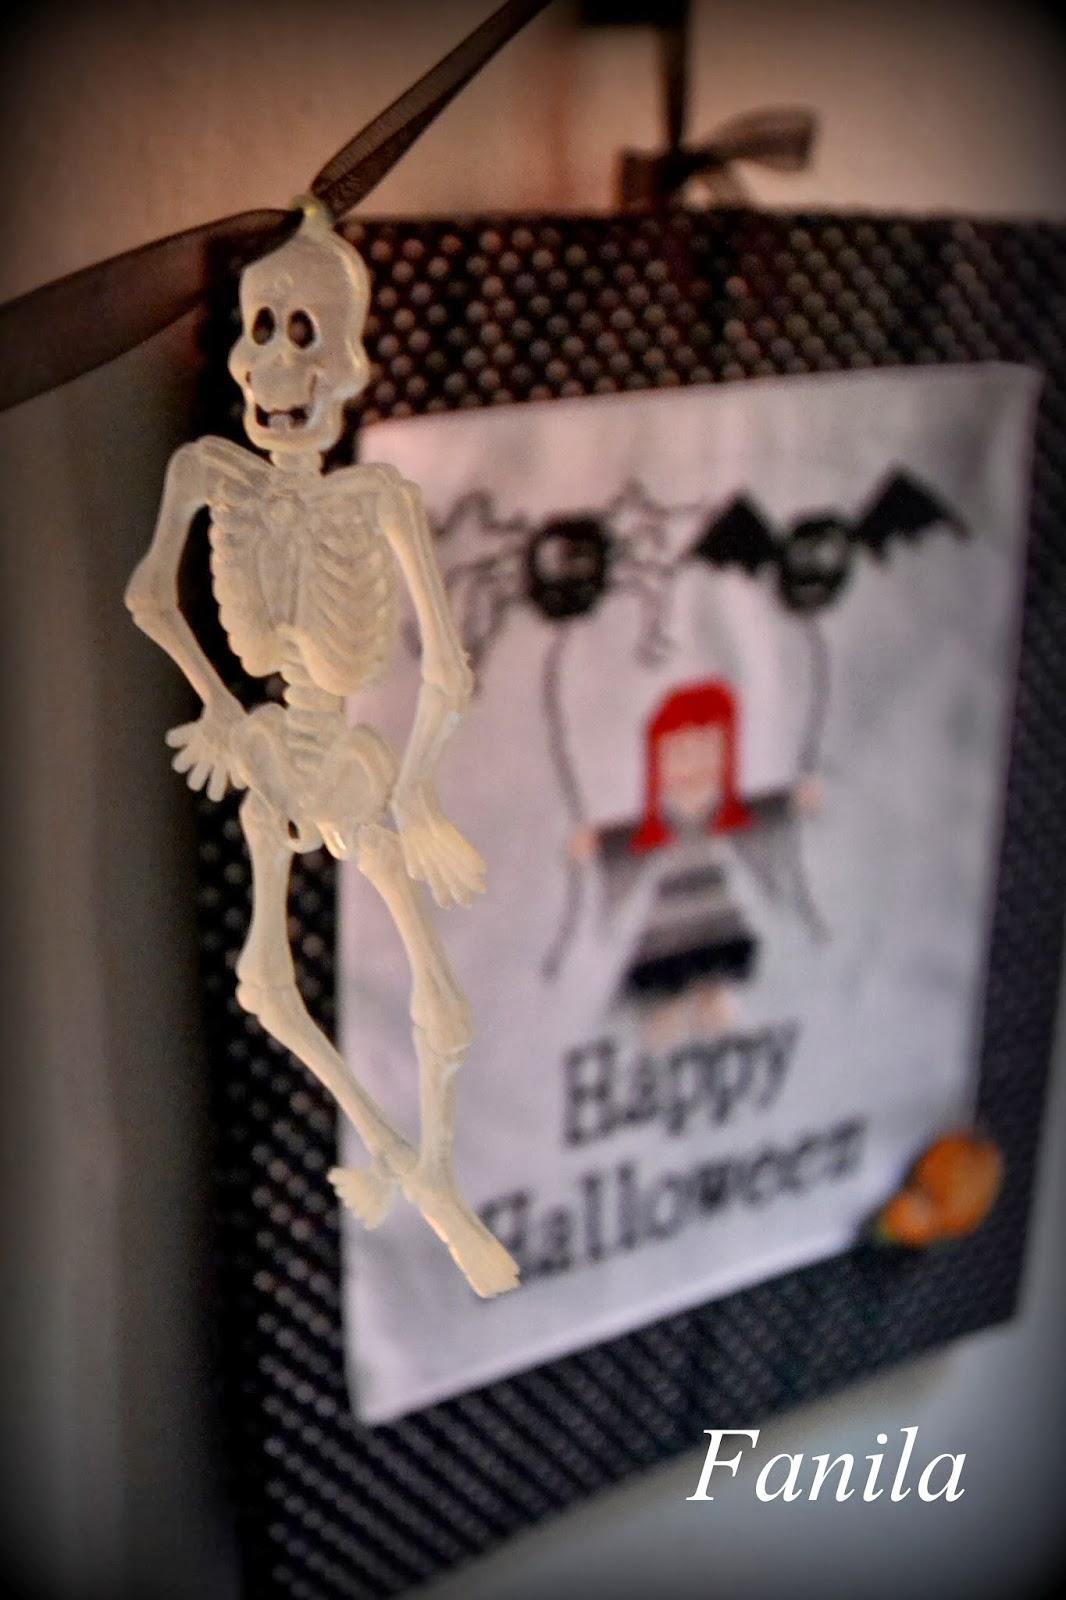 L 39 ago turchino la mia piccola halloween for Progettare la mia piccola casa